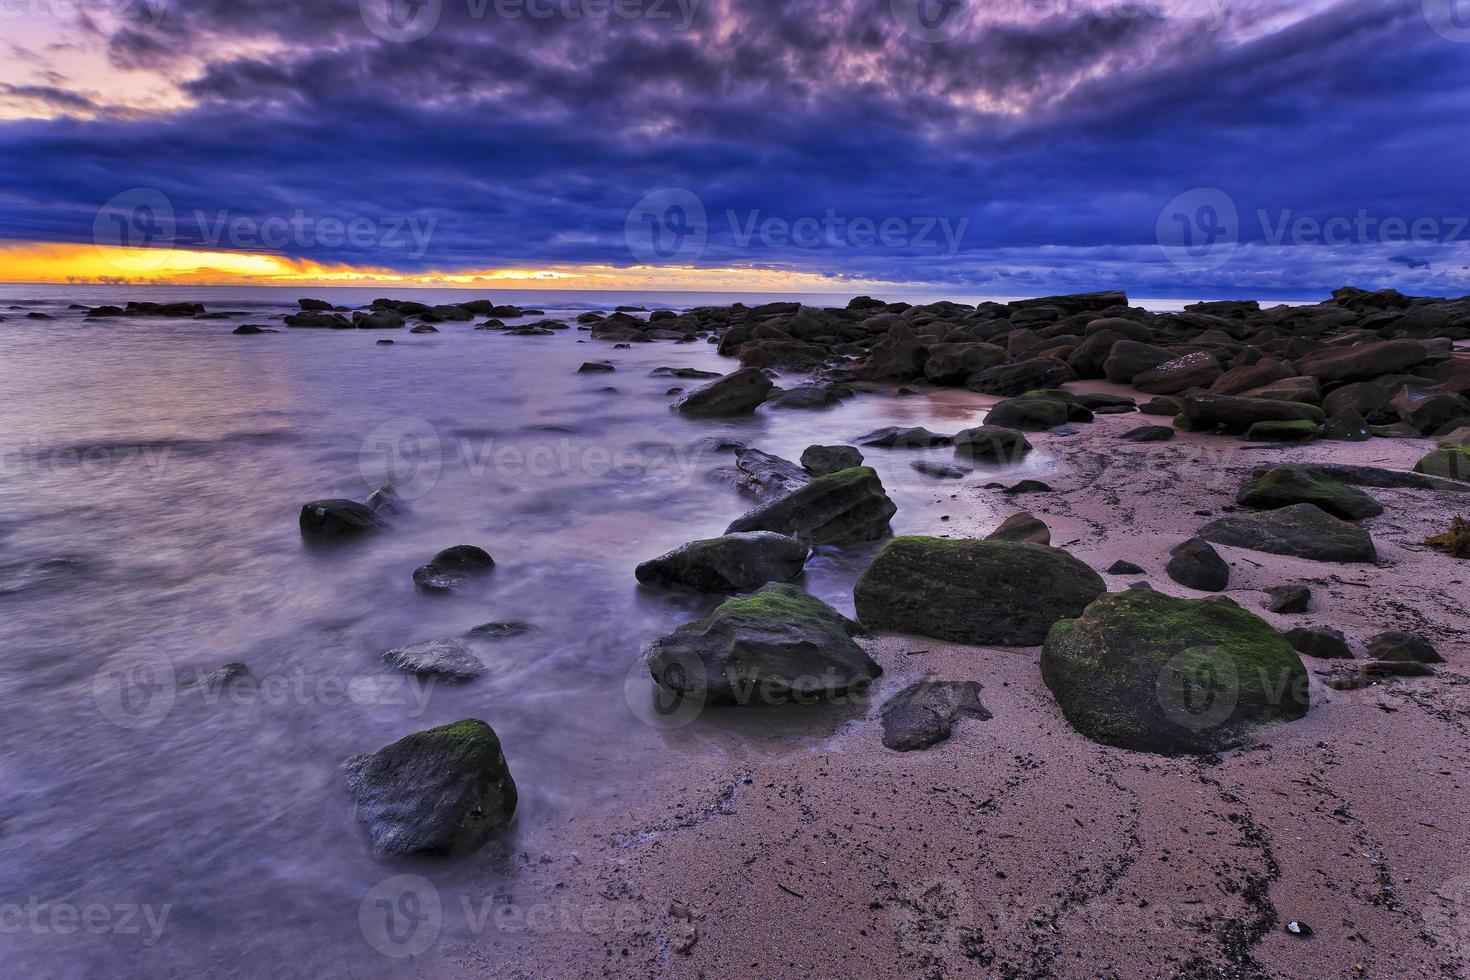 mar maroubra praia 4sec foto